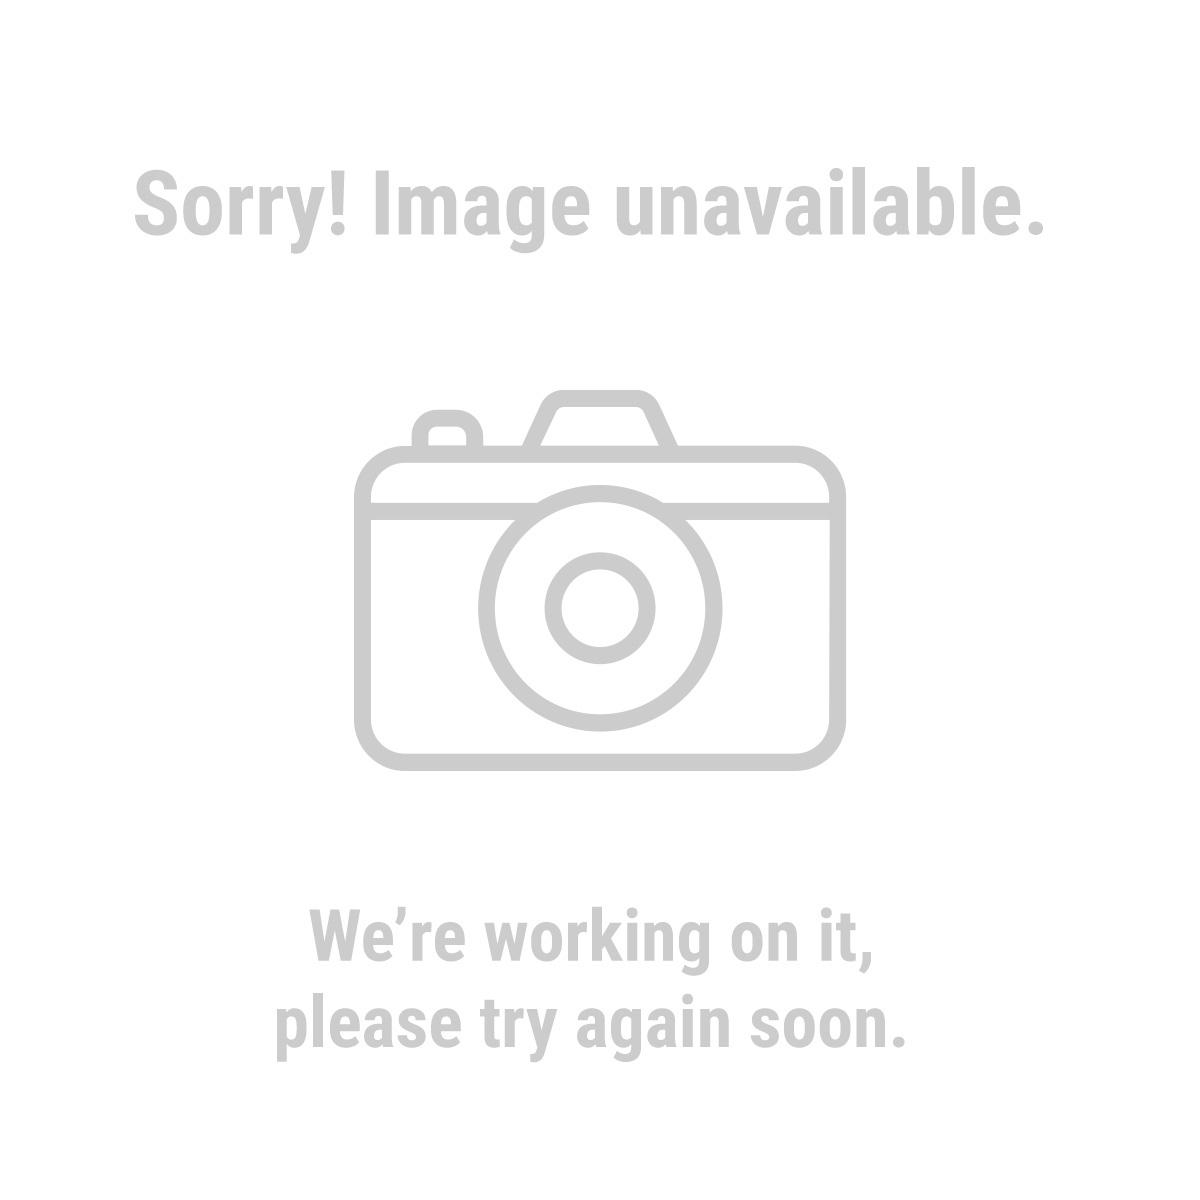 HFT 61865 100 ft. x 12 Gauge Outdoor Extension Cord